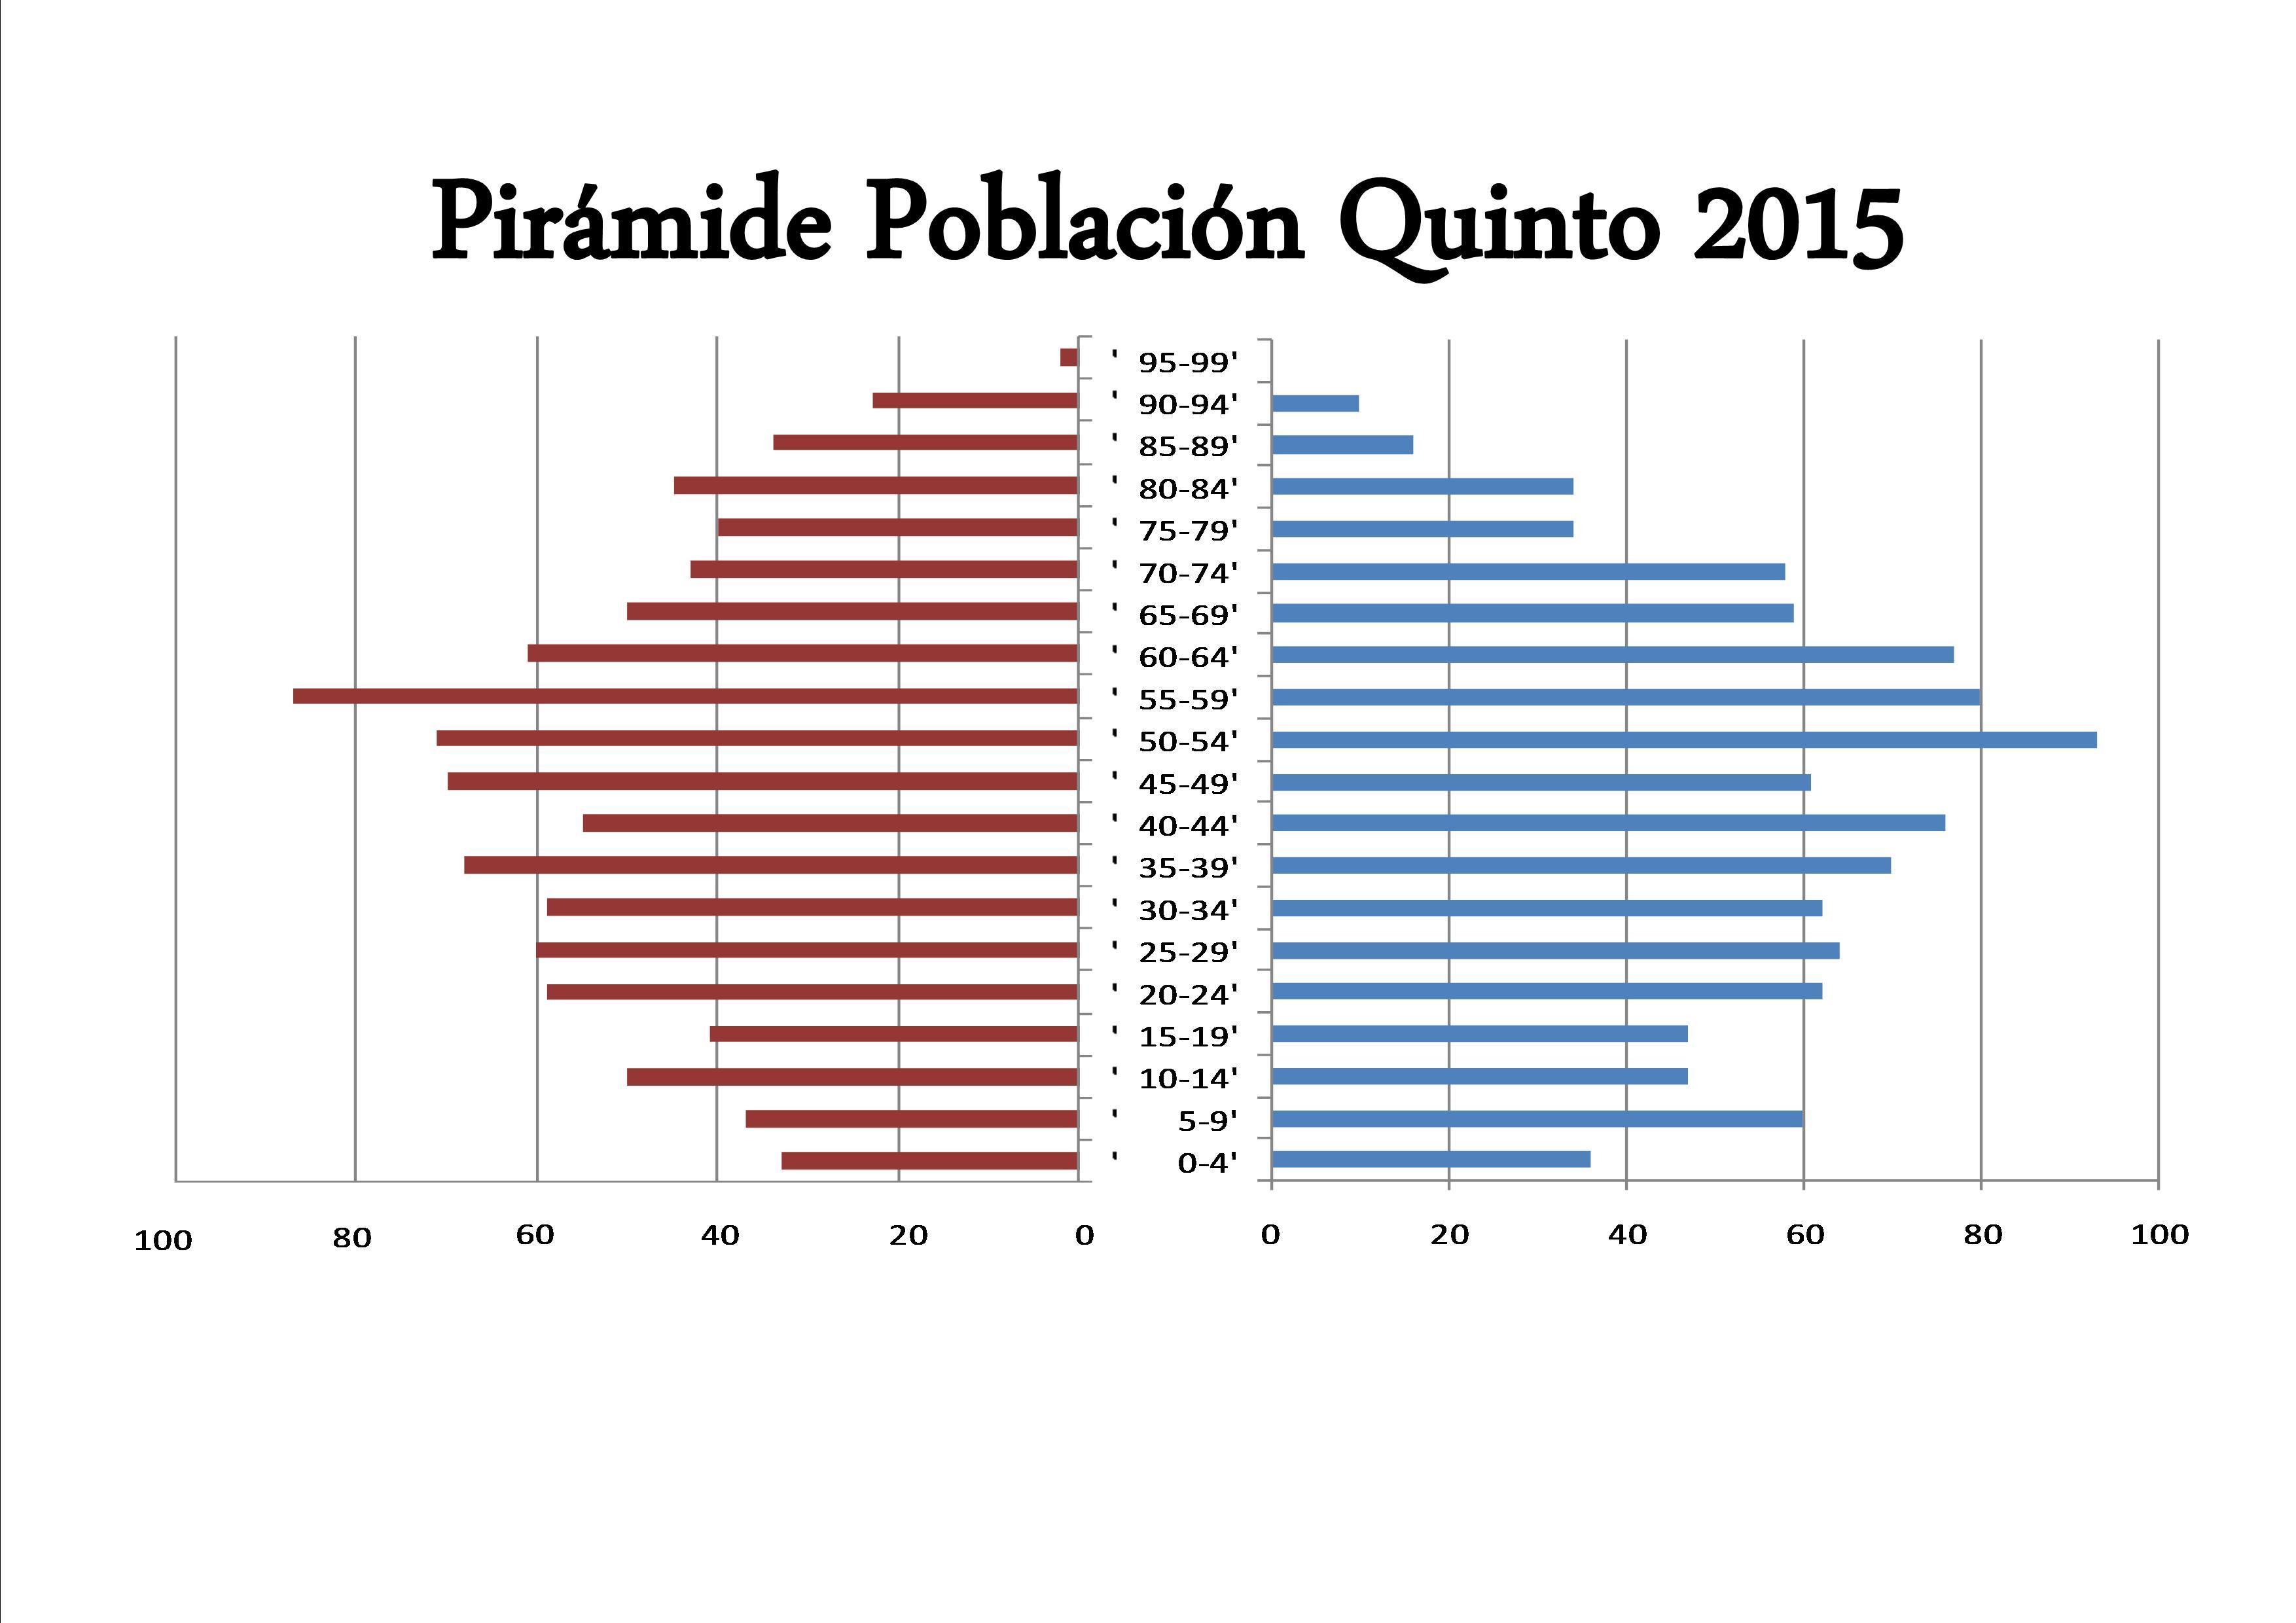 Pirámide de población Quinto 2015